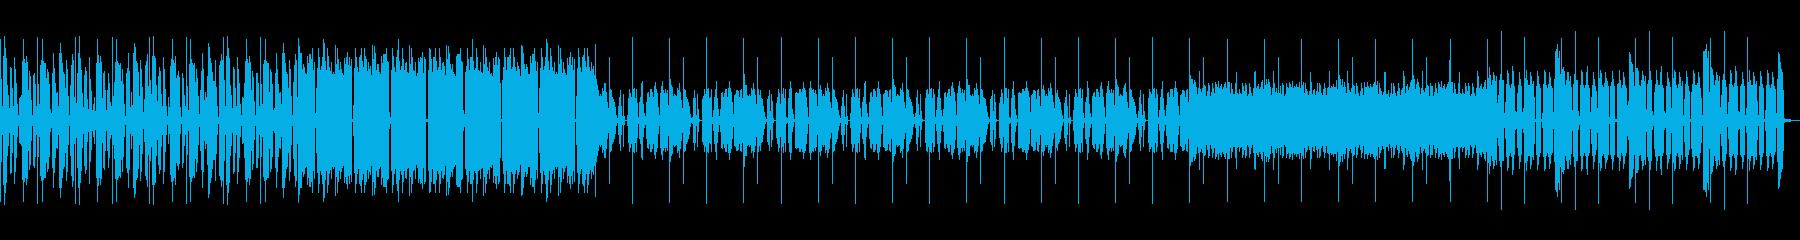 リラックス・作業用チルアウトの再生済みの波形